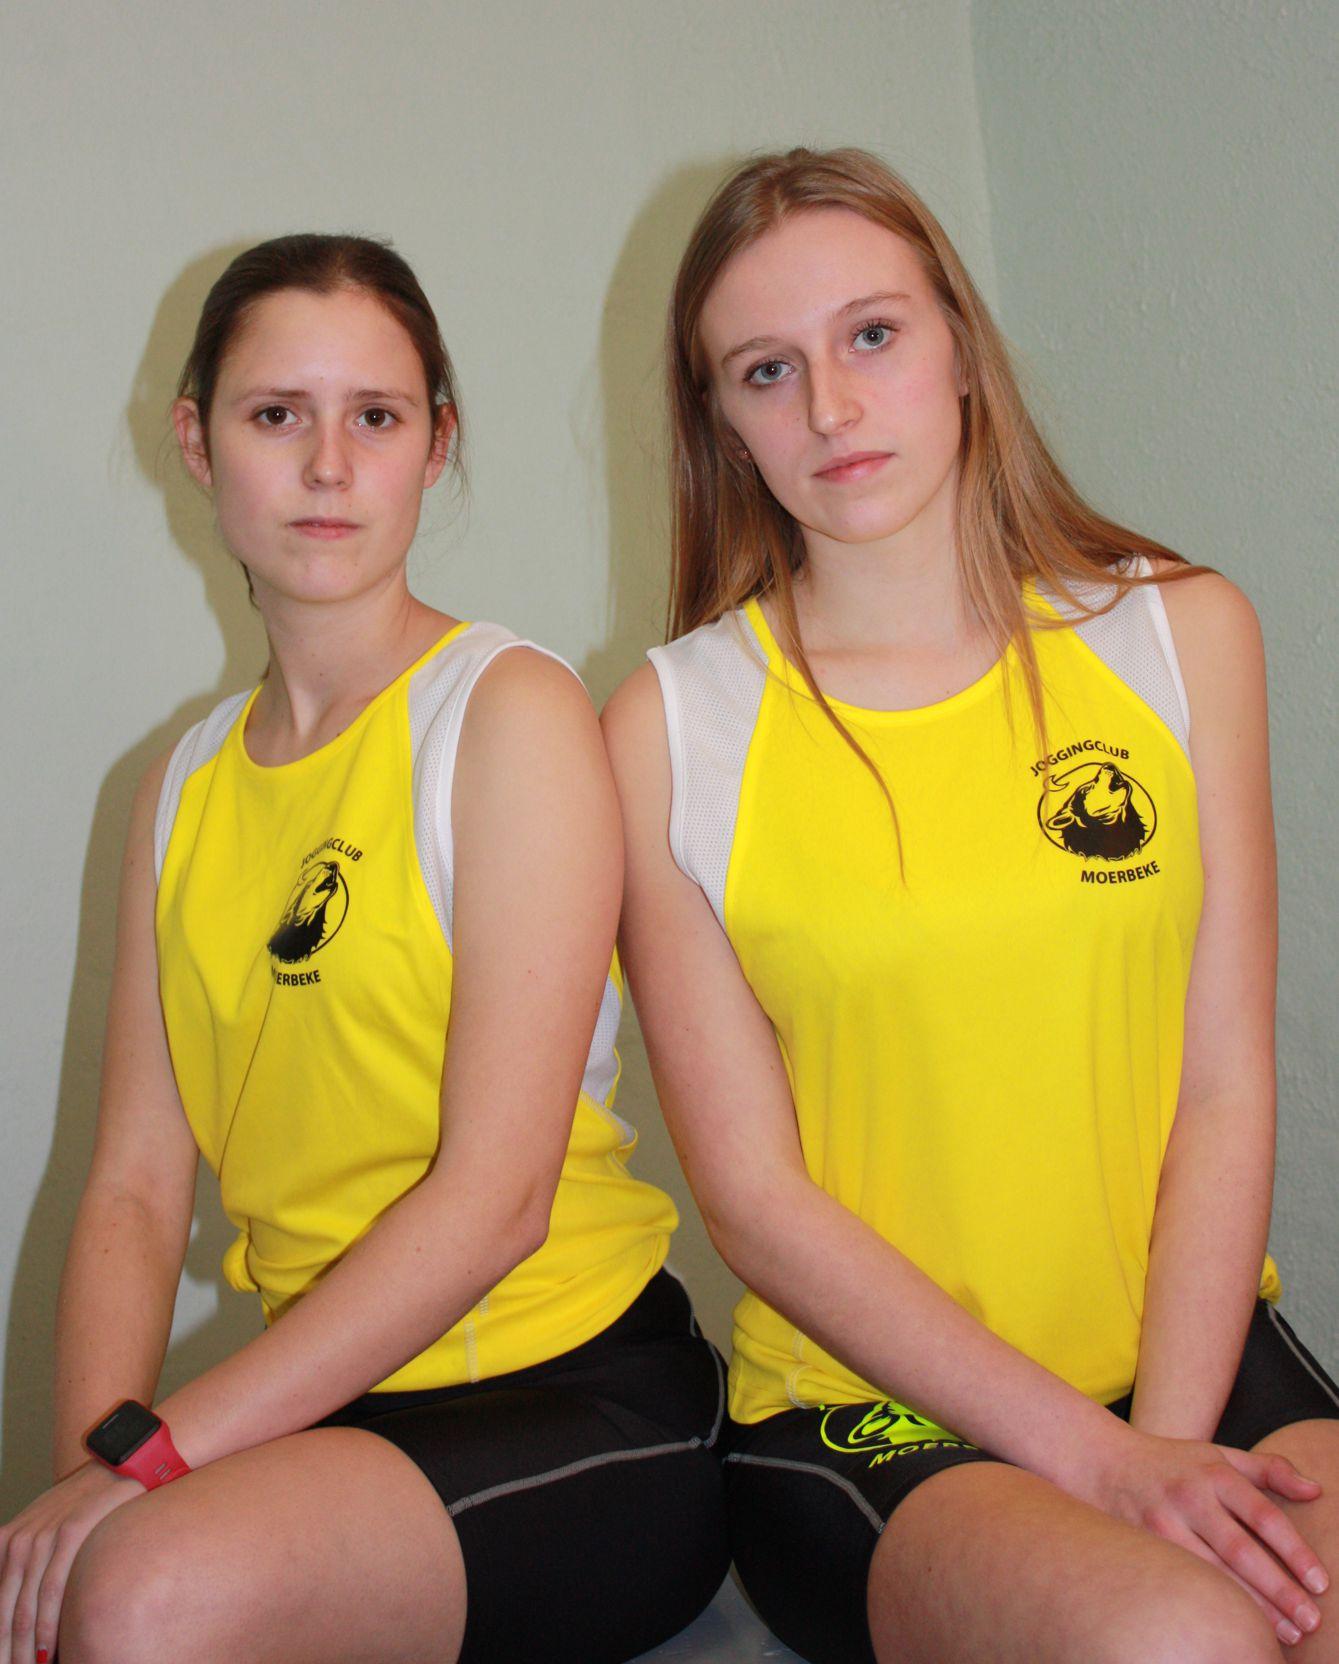 http://www.joggingclubmoerbeke.be/2018/b6.JPG